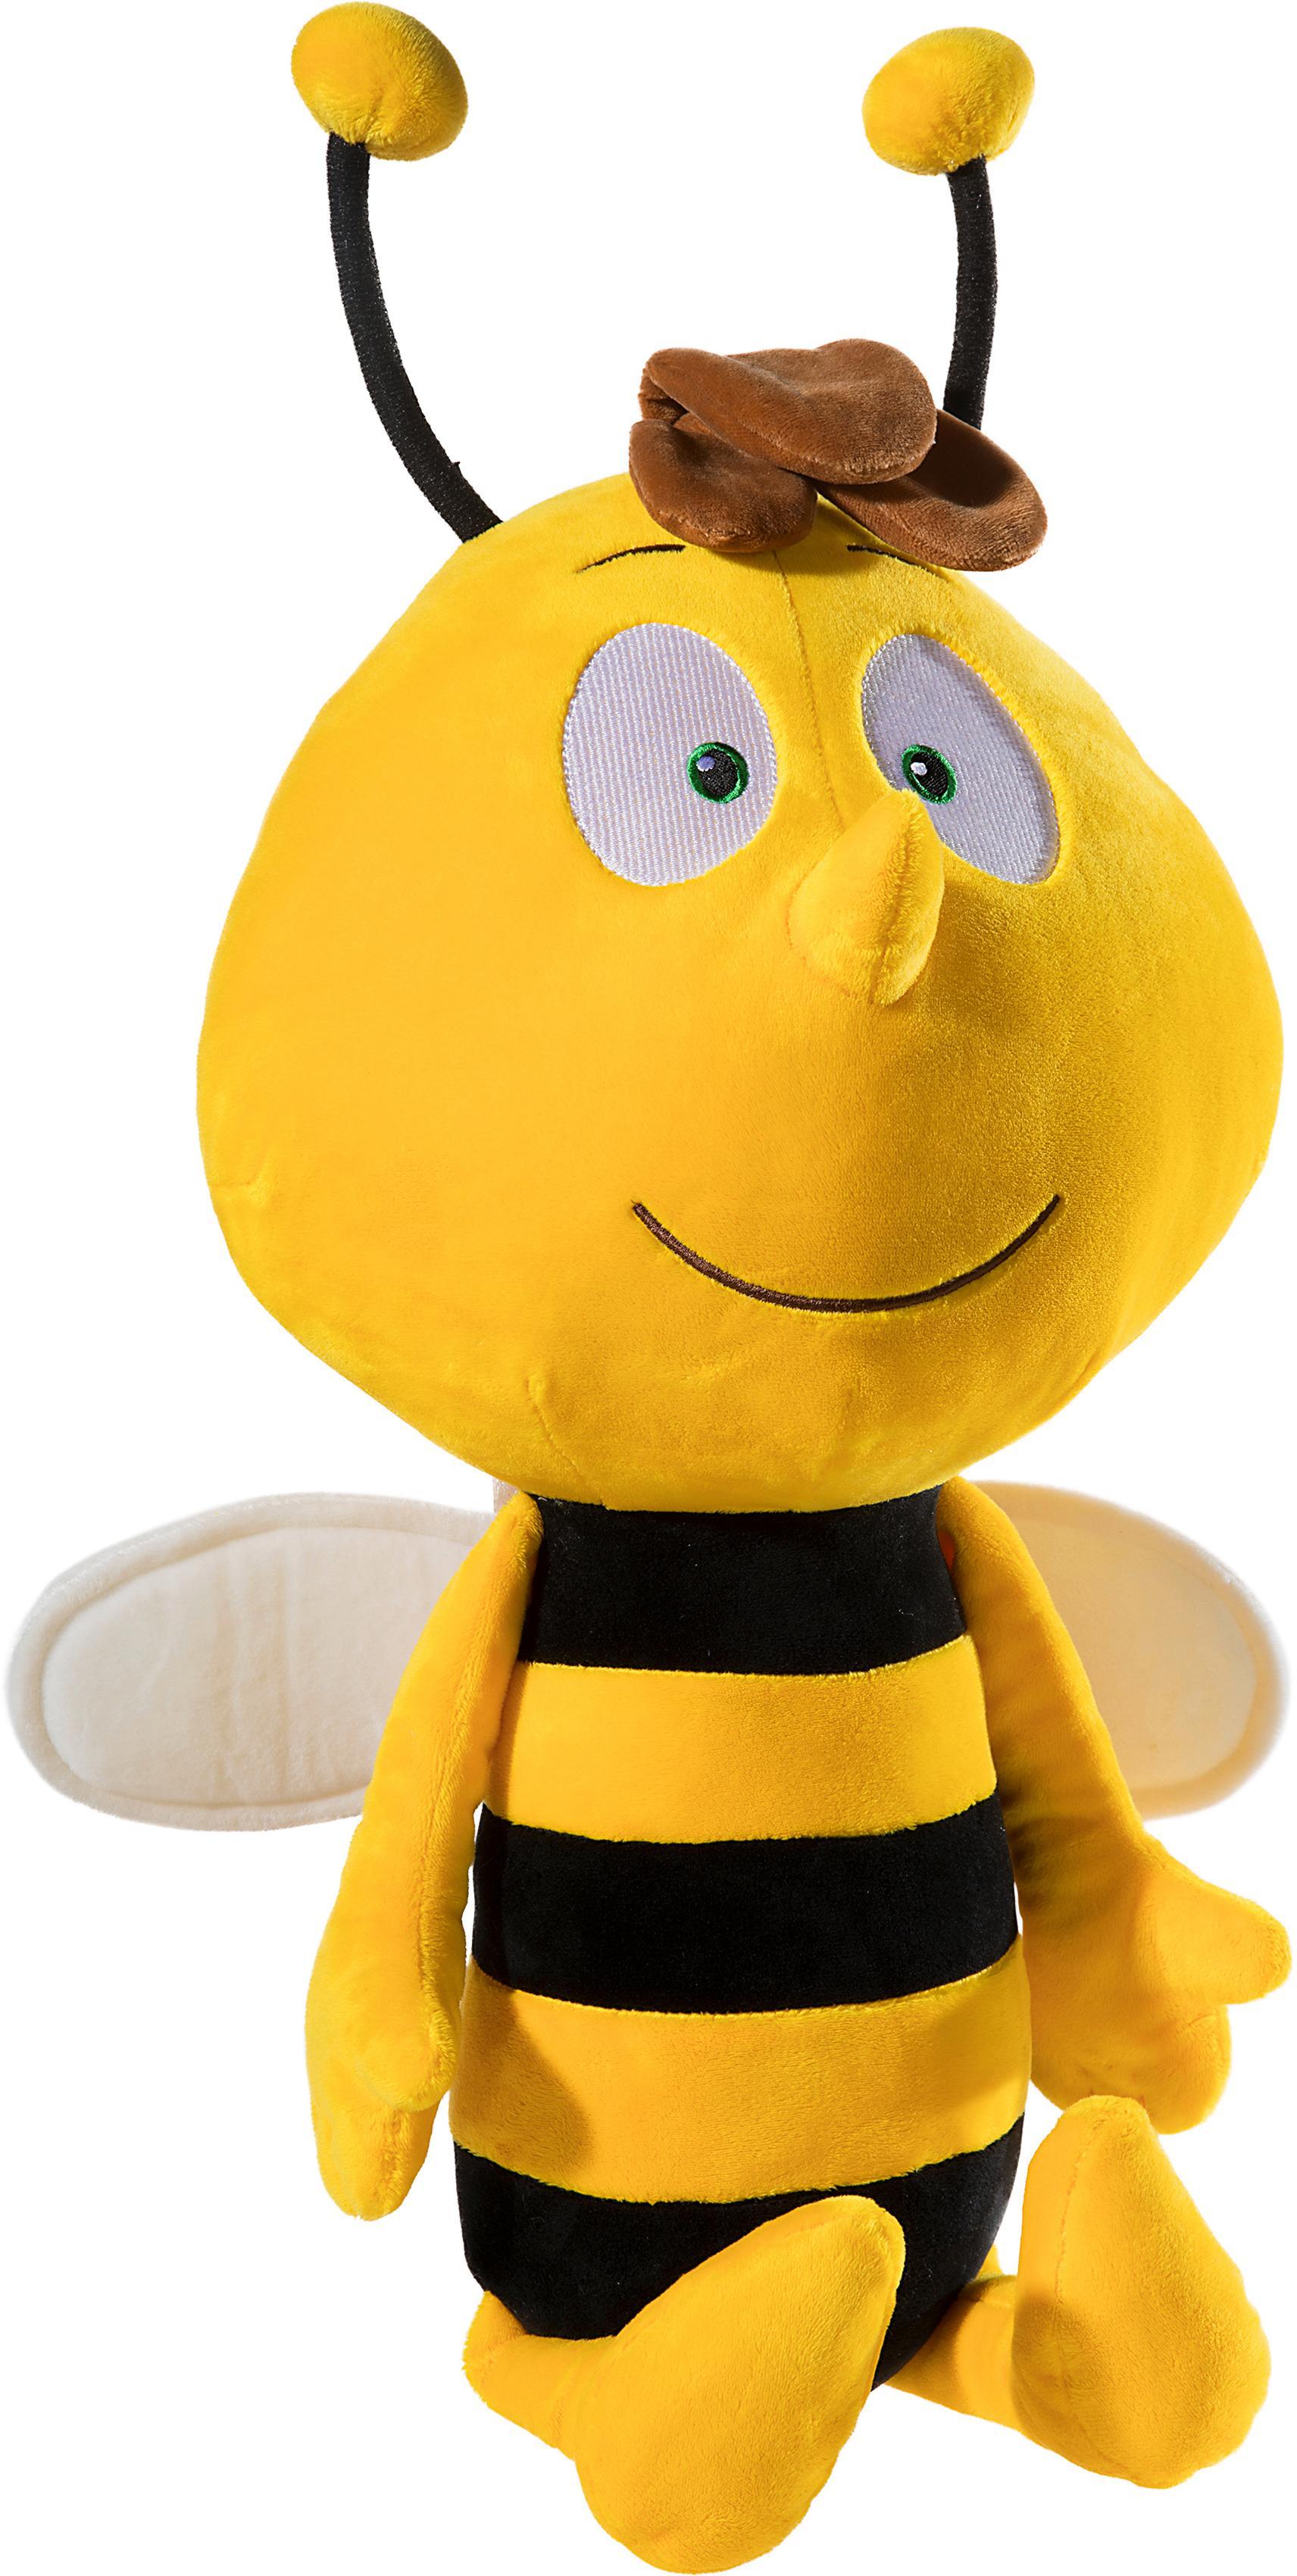 """Heunec Plüschfigur """"Biene Willi 75 cm"""" Kindermode/Spielzeug/Kuschel- & Plüschtiere/Plüschtiere"""